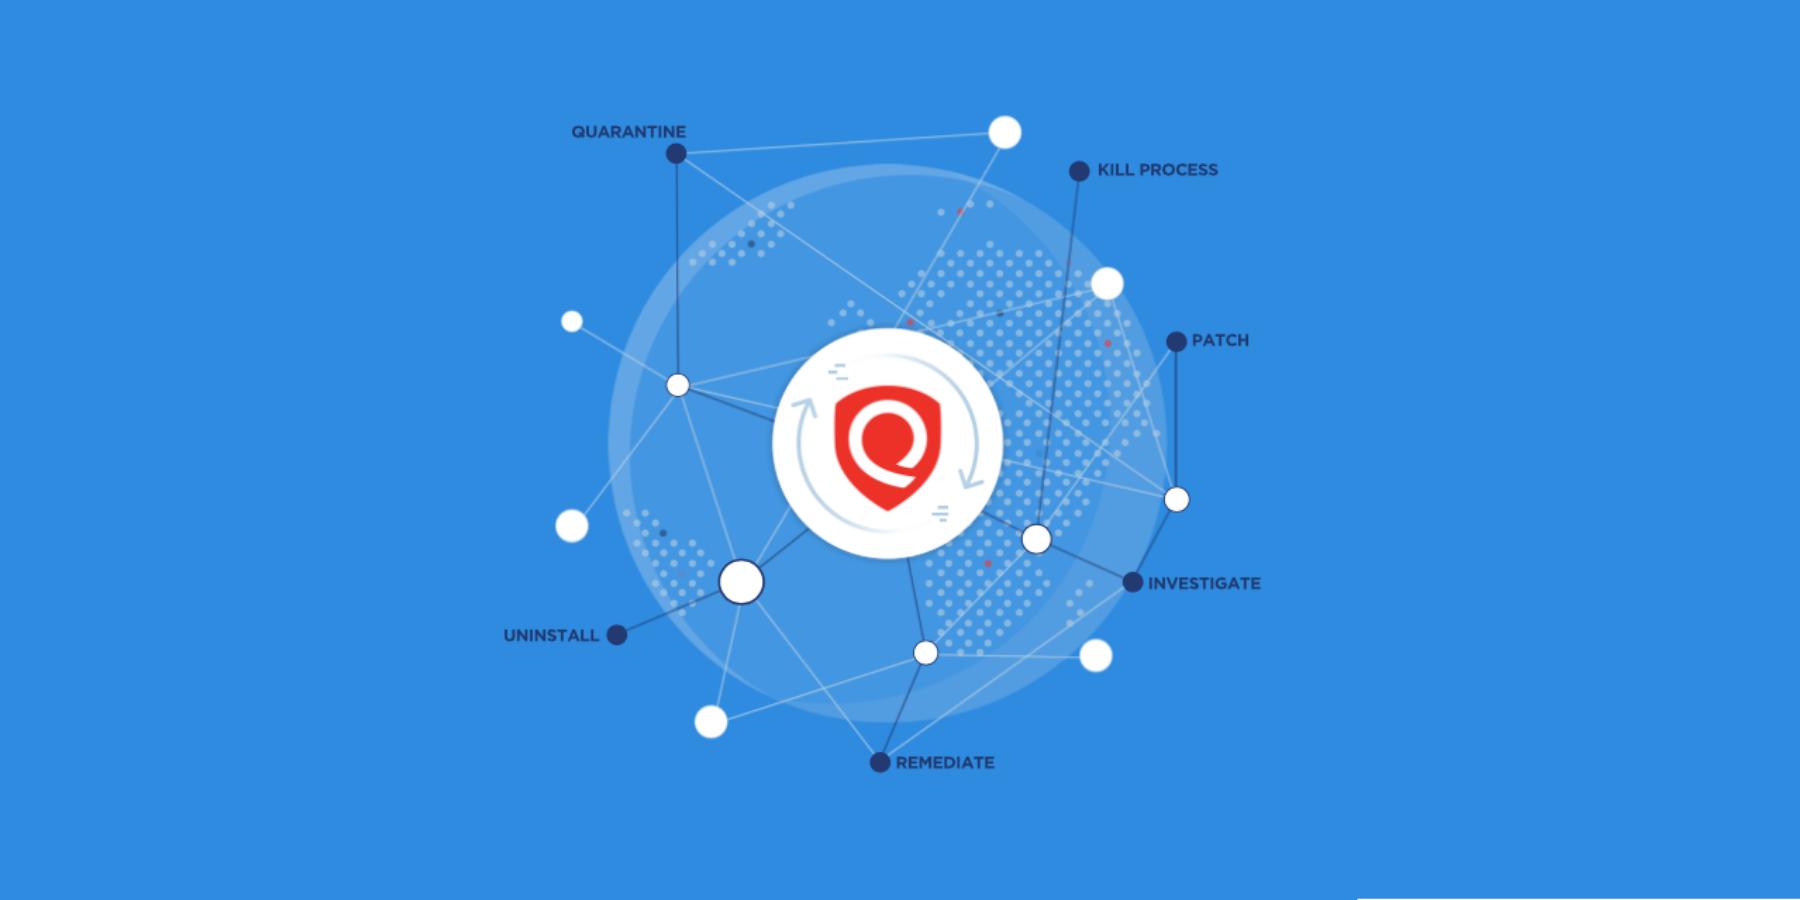 Qualys Aktie Übersicht Geschäftsmodell auf blauem Hintergrund